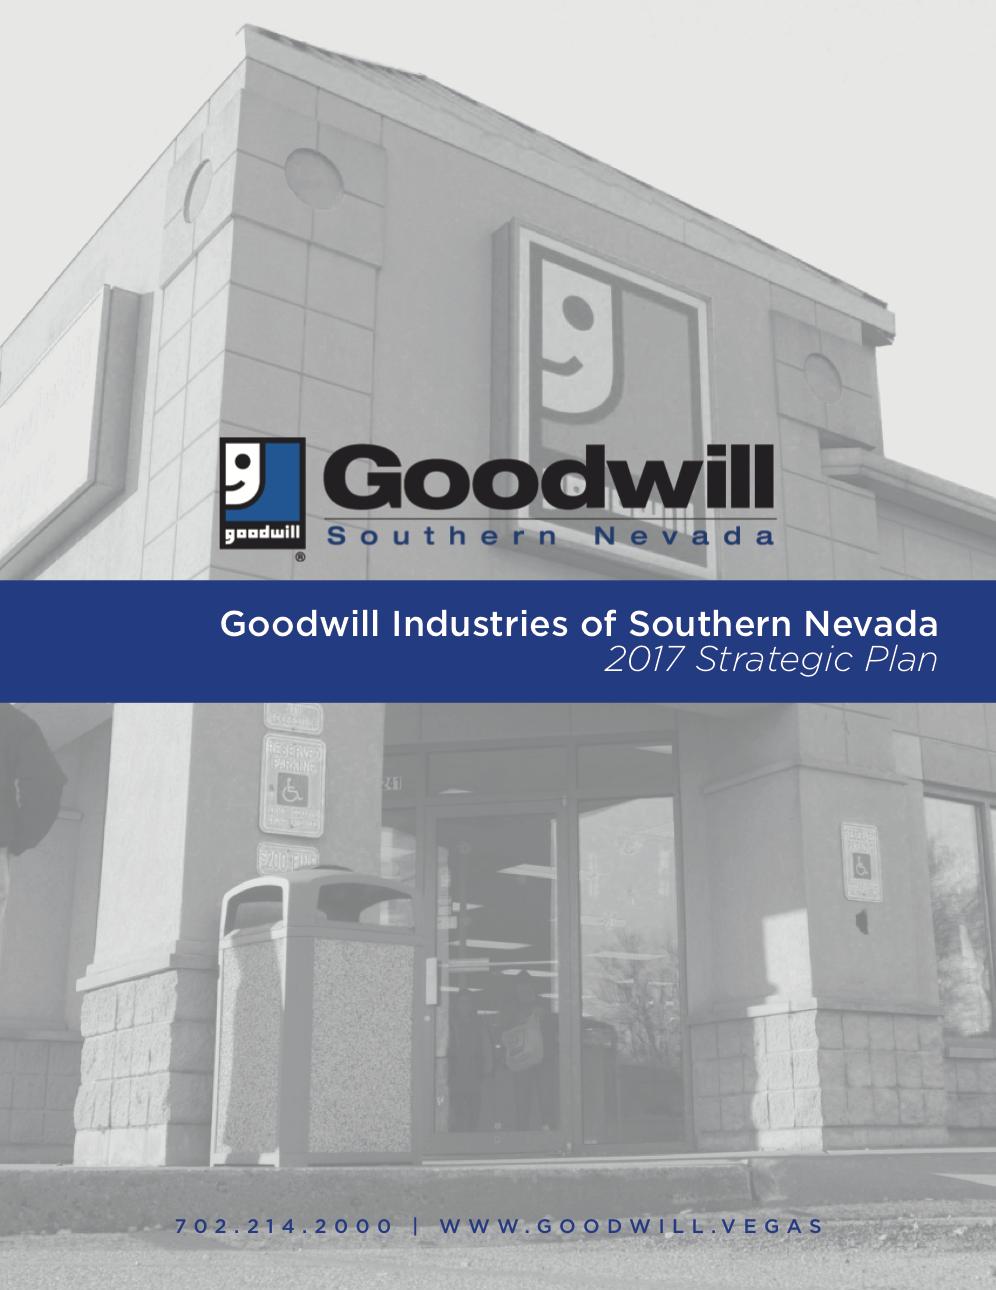 Goodwill Strategic Plan